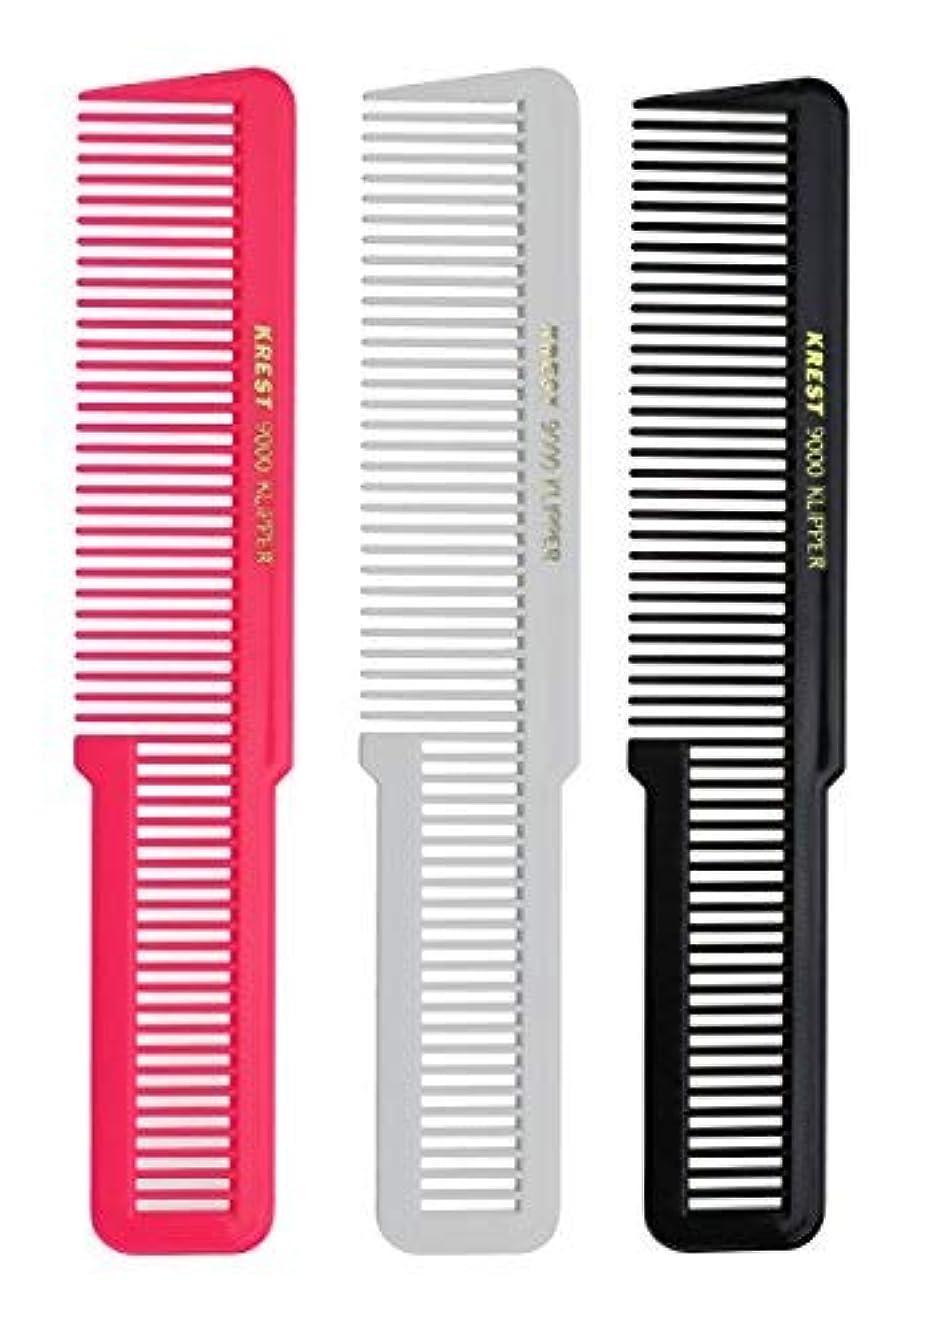 飽和する概念楽観的Krest 8 Inches Barber Styling Hair comb. Clipper Cutting Comb. Made of Nitrile Rubber. [並行輸入品]